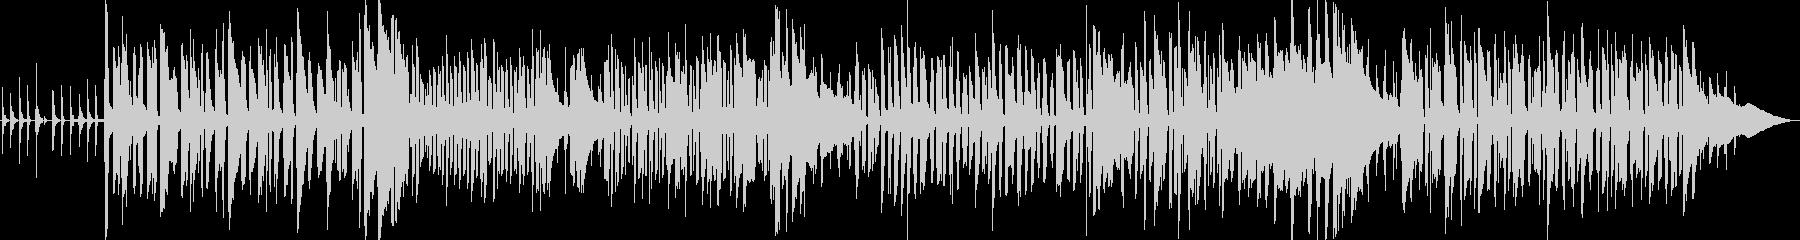 インストゥルメンタル、ベース、ピア...の未再生の波形